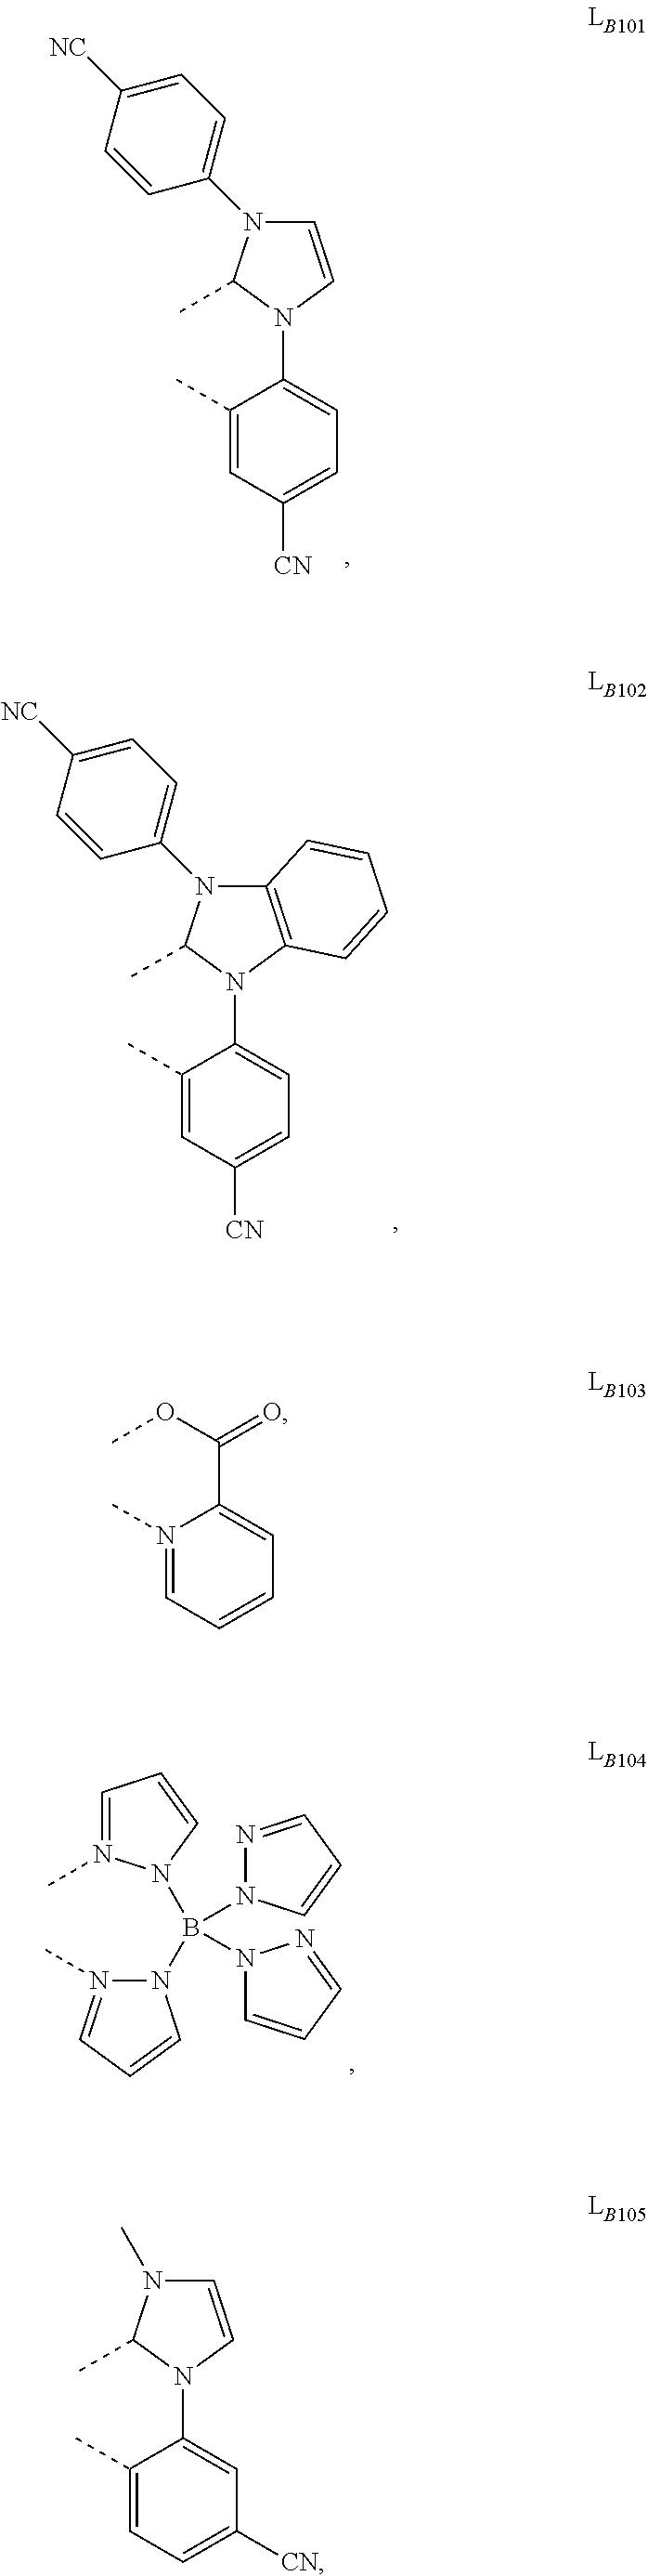 Figure US09905785-20180227-C00580